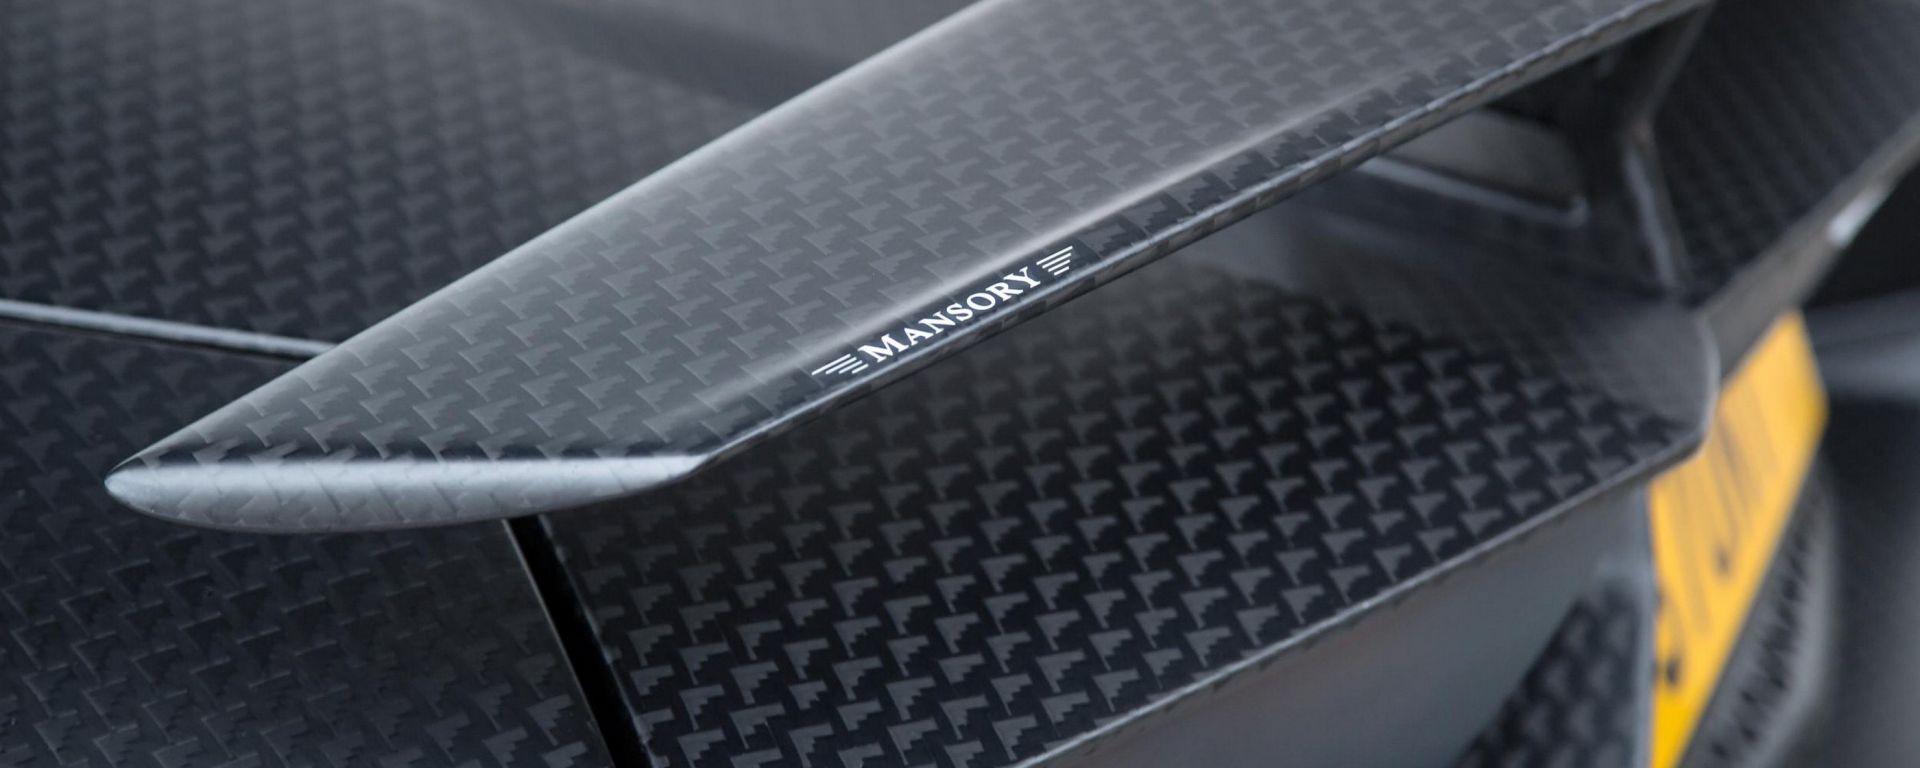 Mansory Aventador J.S.1 Edition